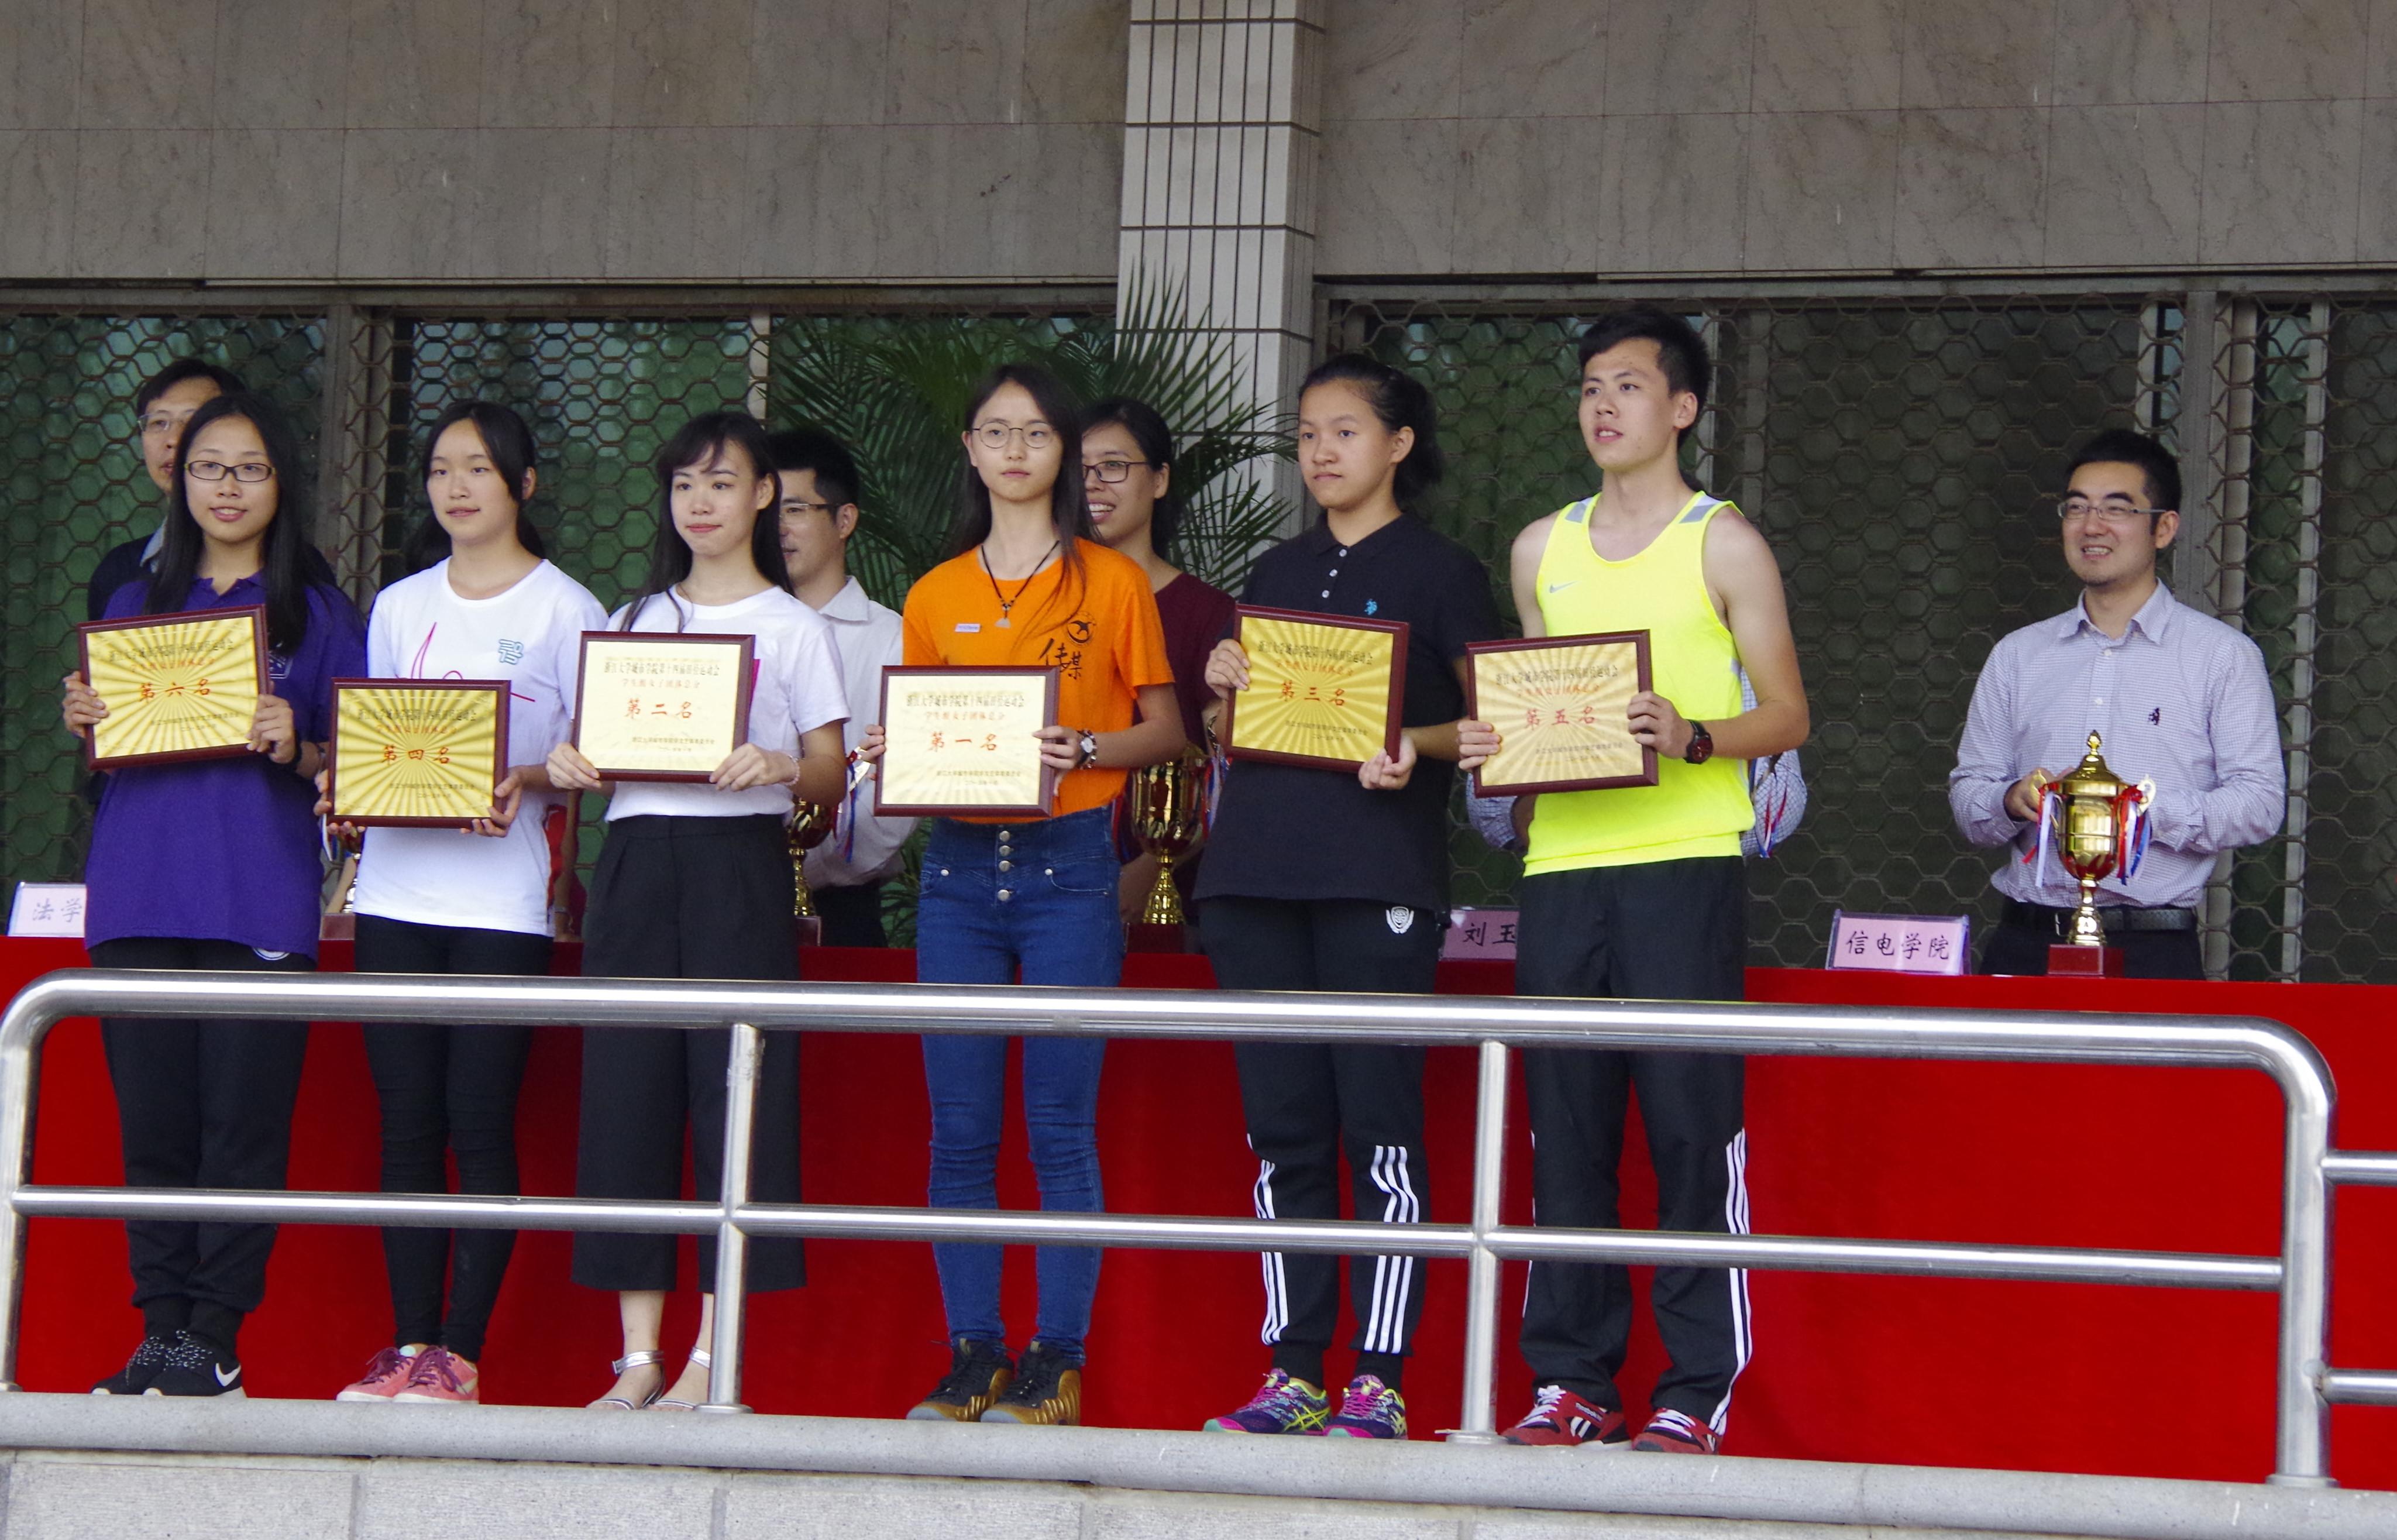 浙江大学城市学院第十四届田径运动会成功闭幕